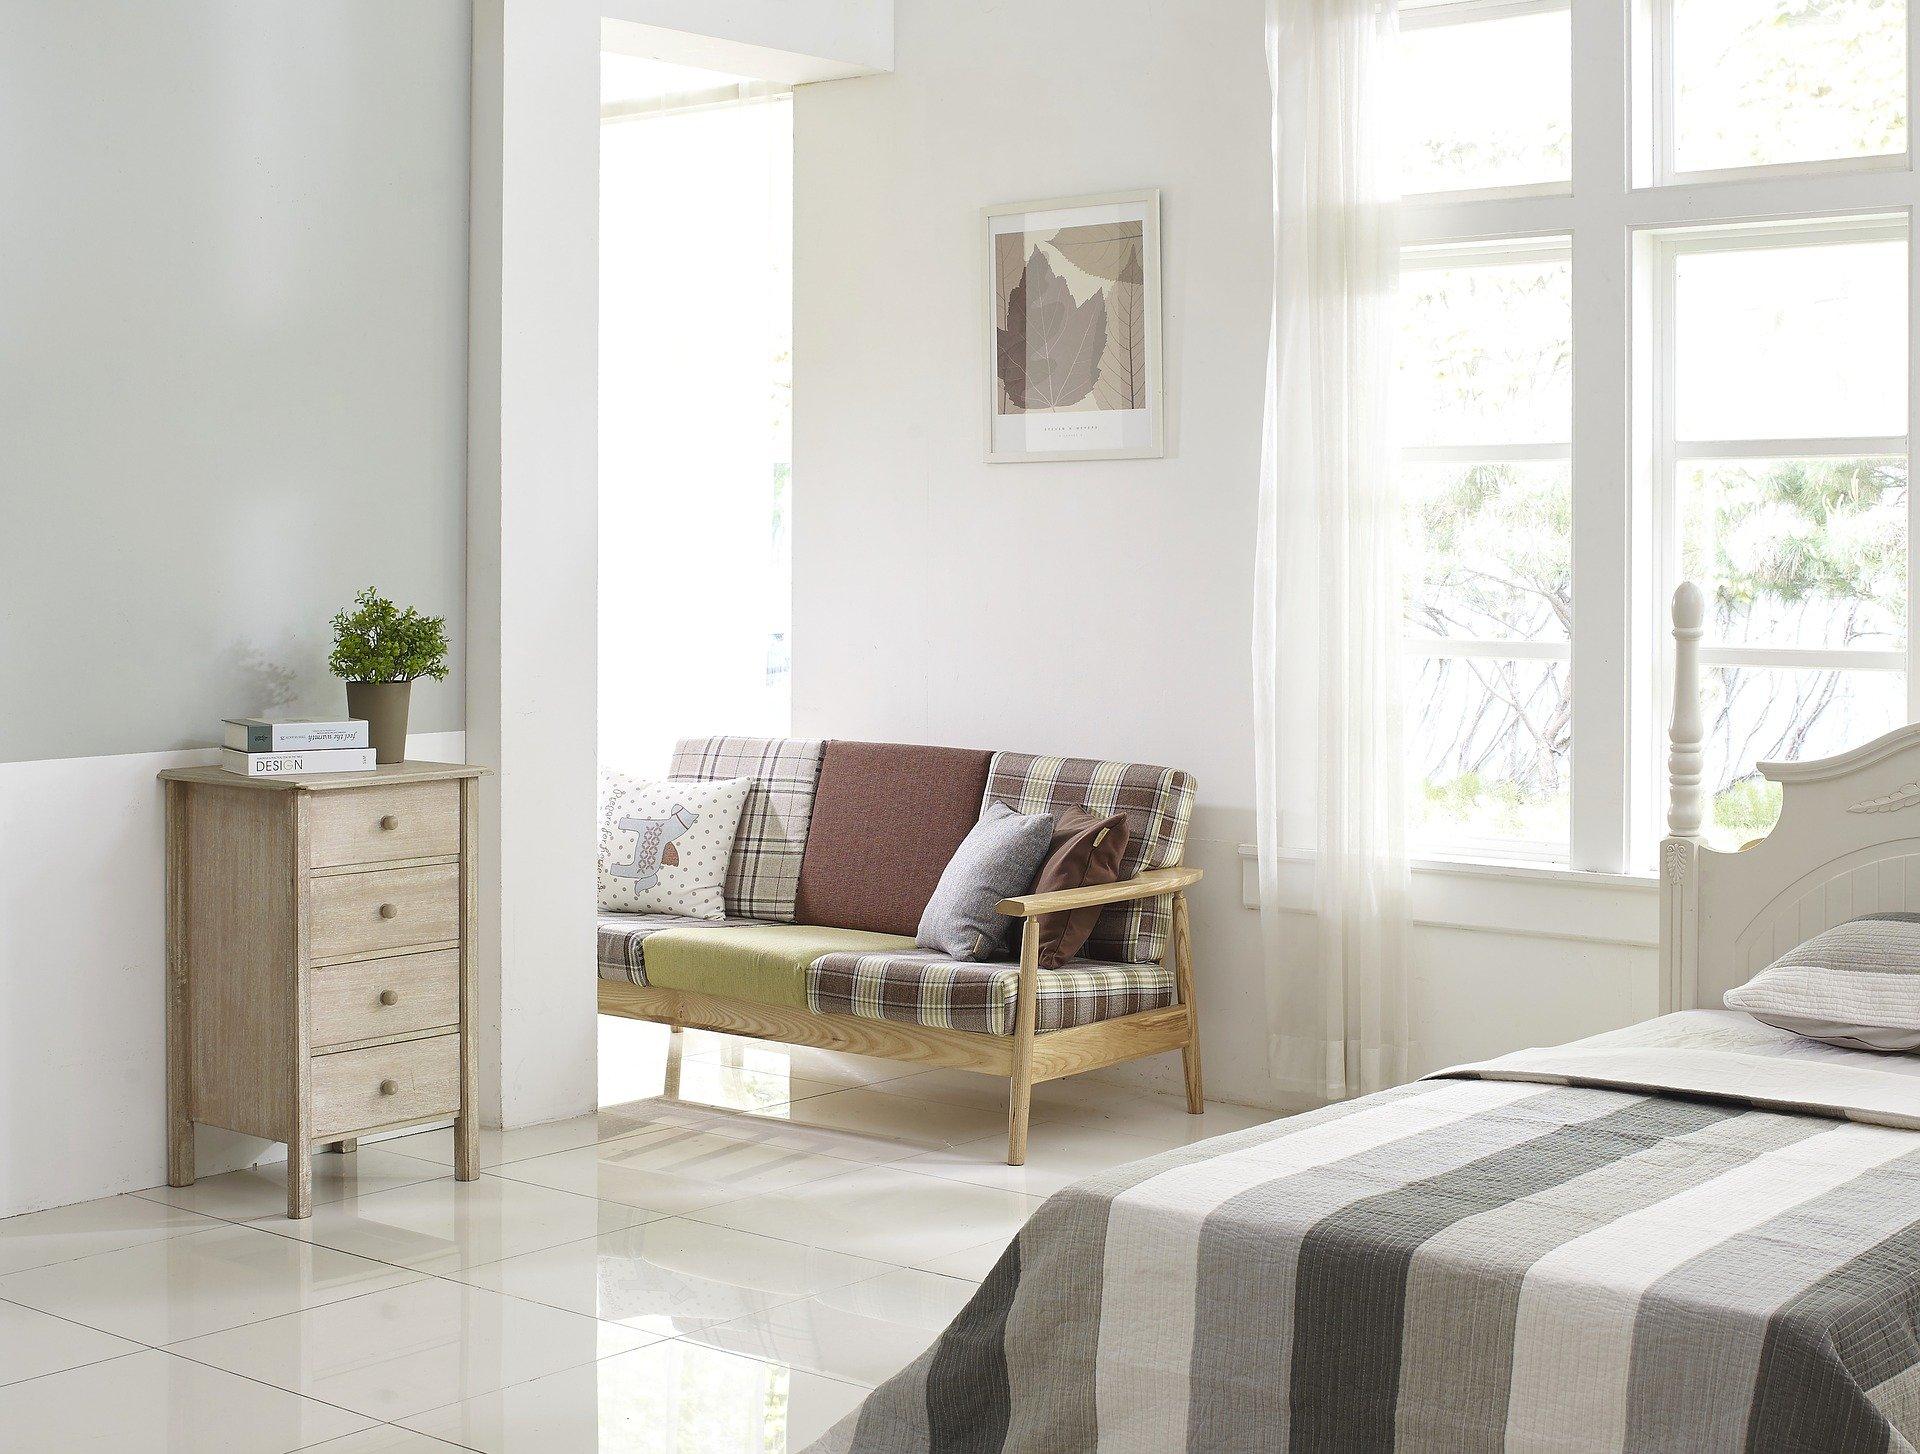 bedroom 1872196 1920